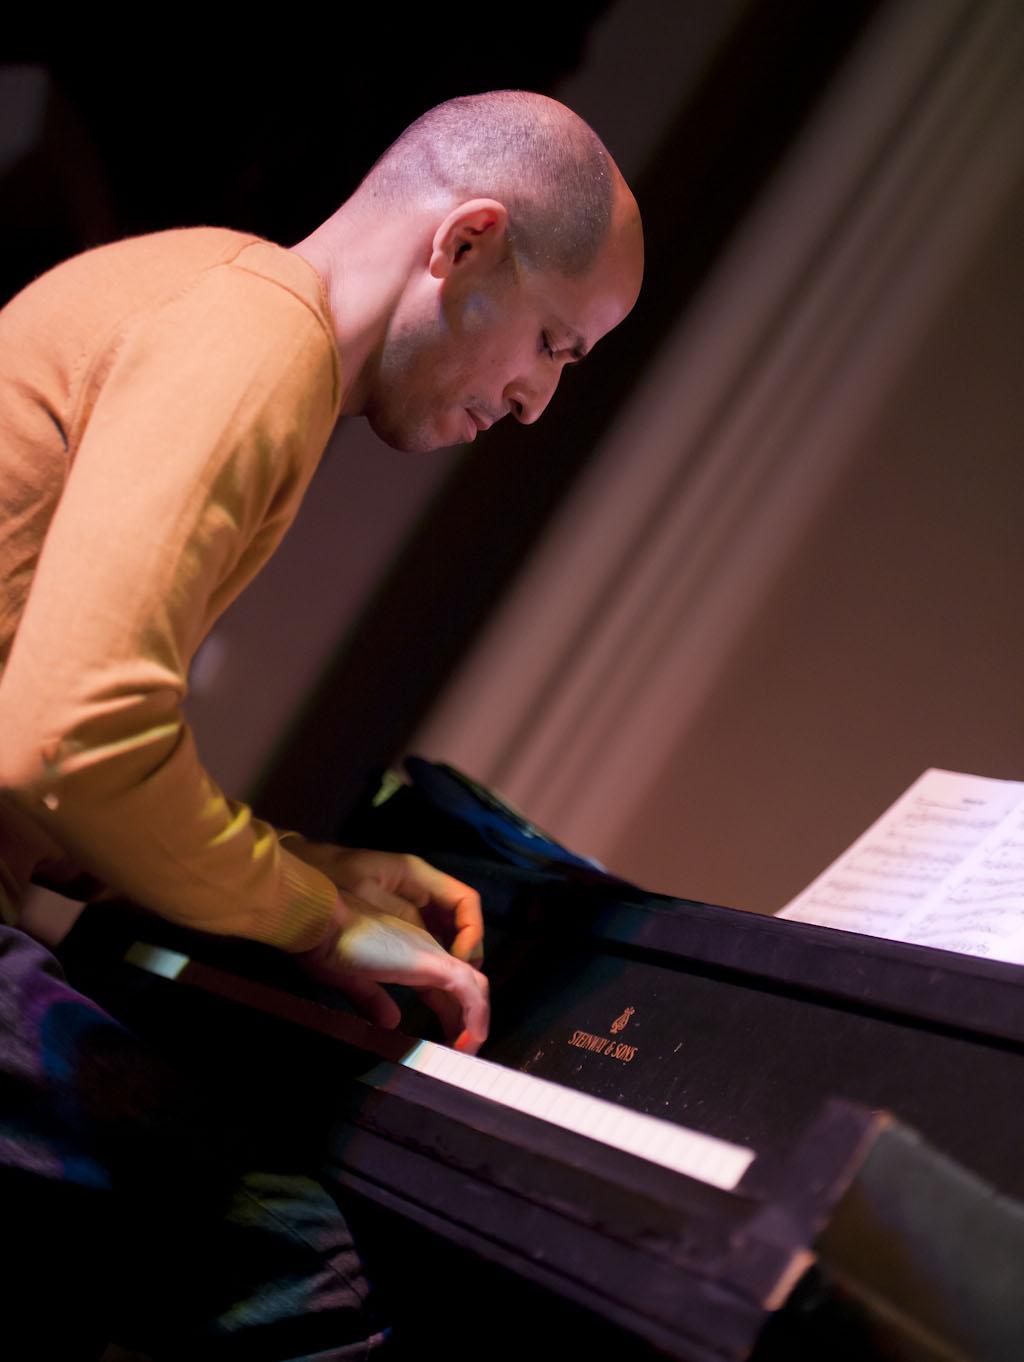 Edward simon performs with ninety miles